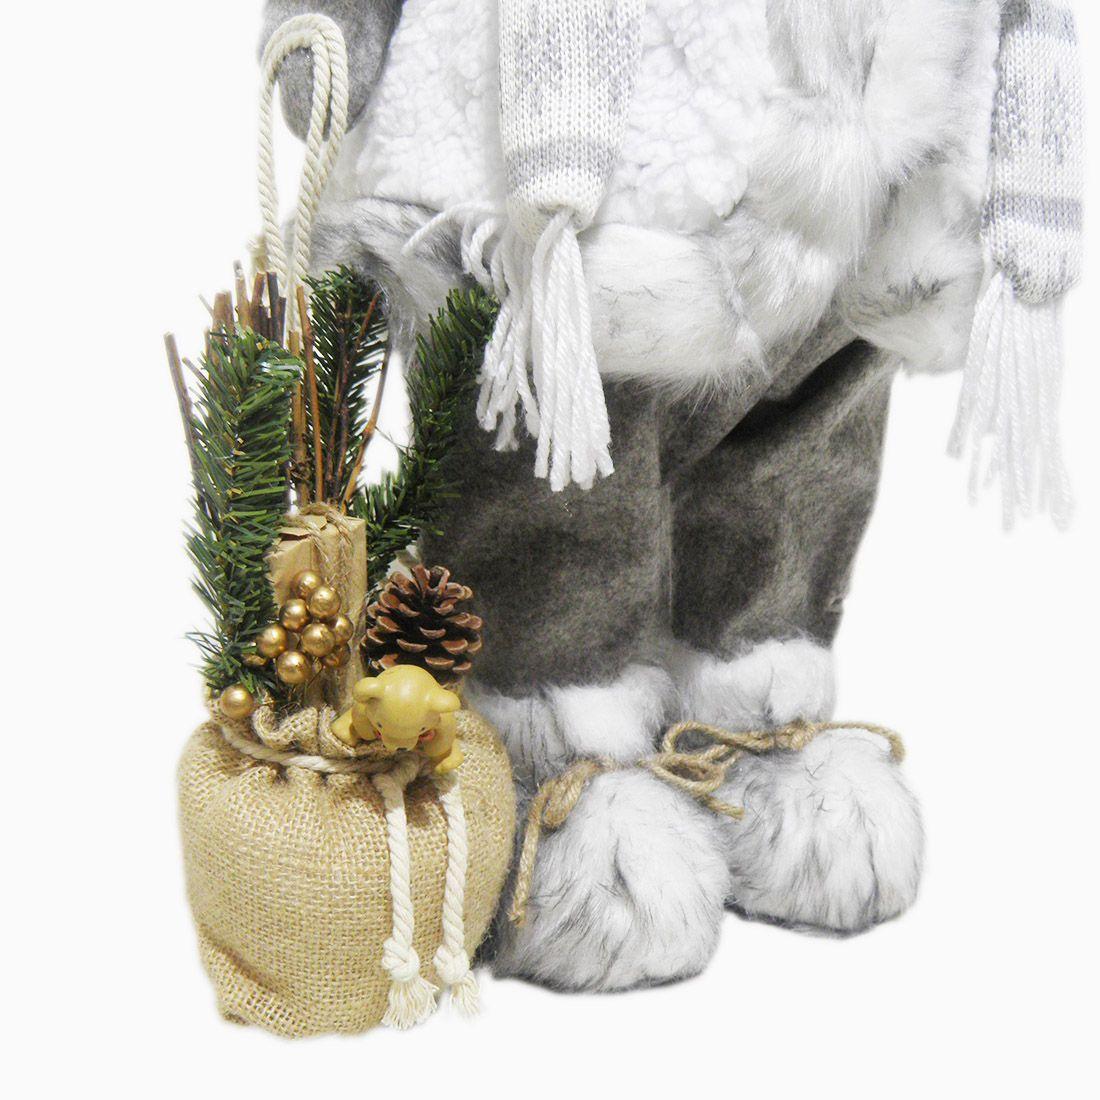 Papai Noel de Luxo Natal Boneco Natalino 65cm Decoracao Neve Branco